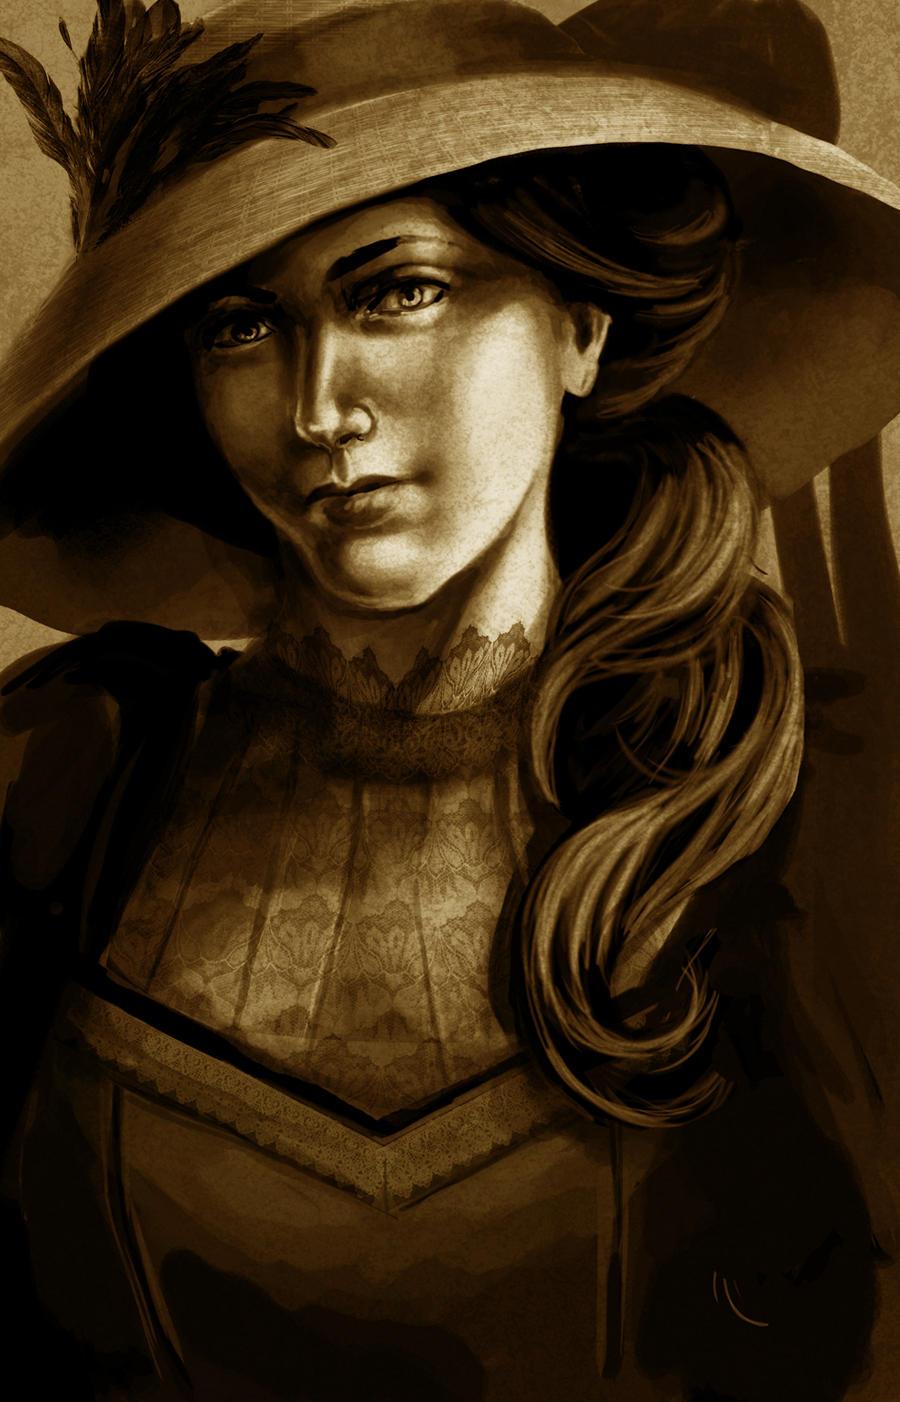 Victorian portrait by Anniez19